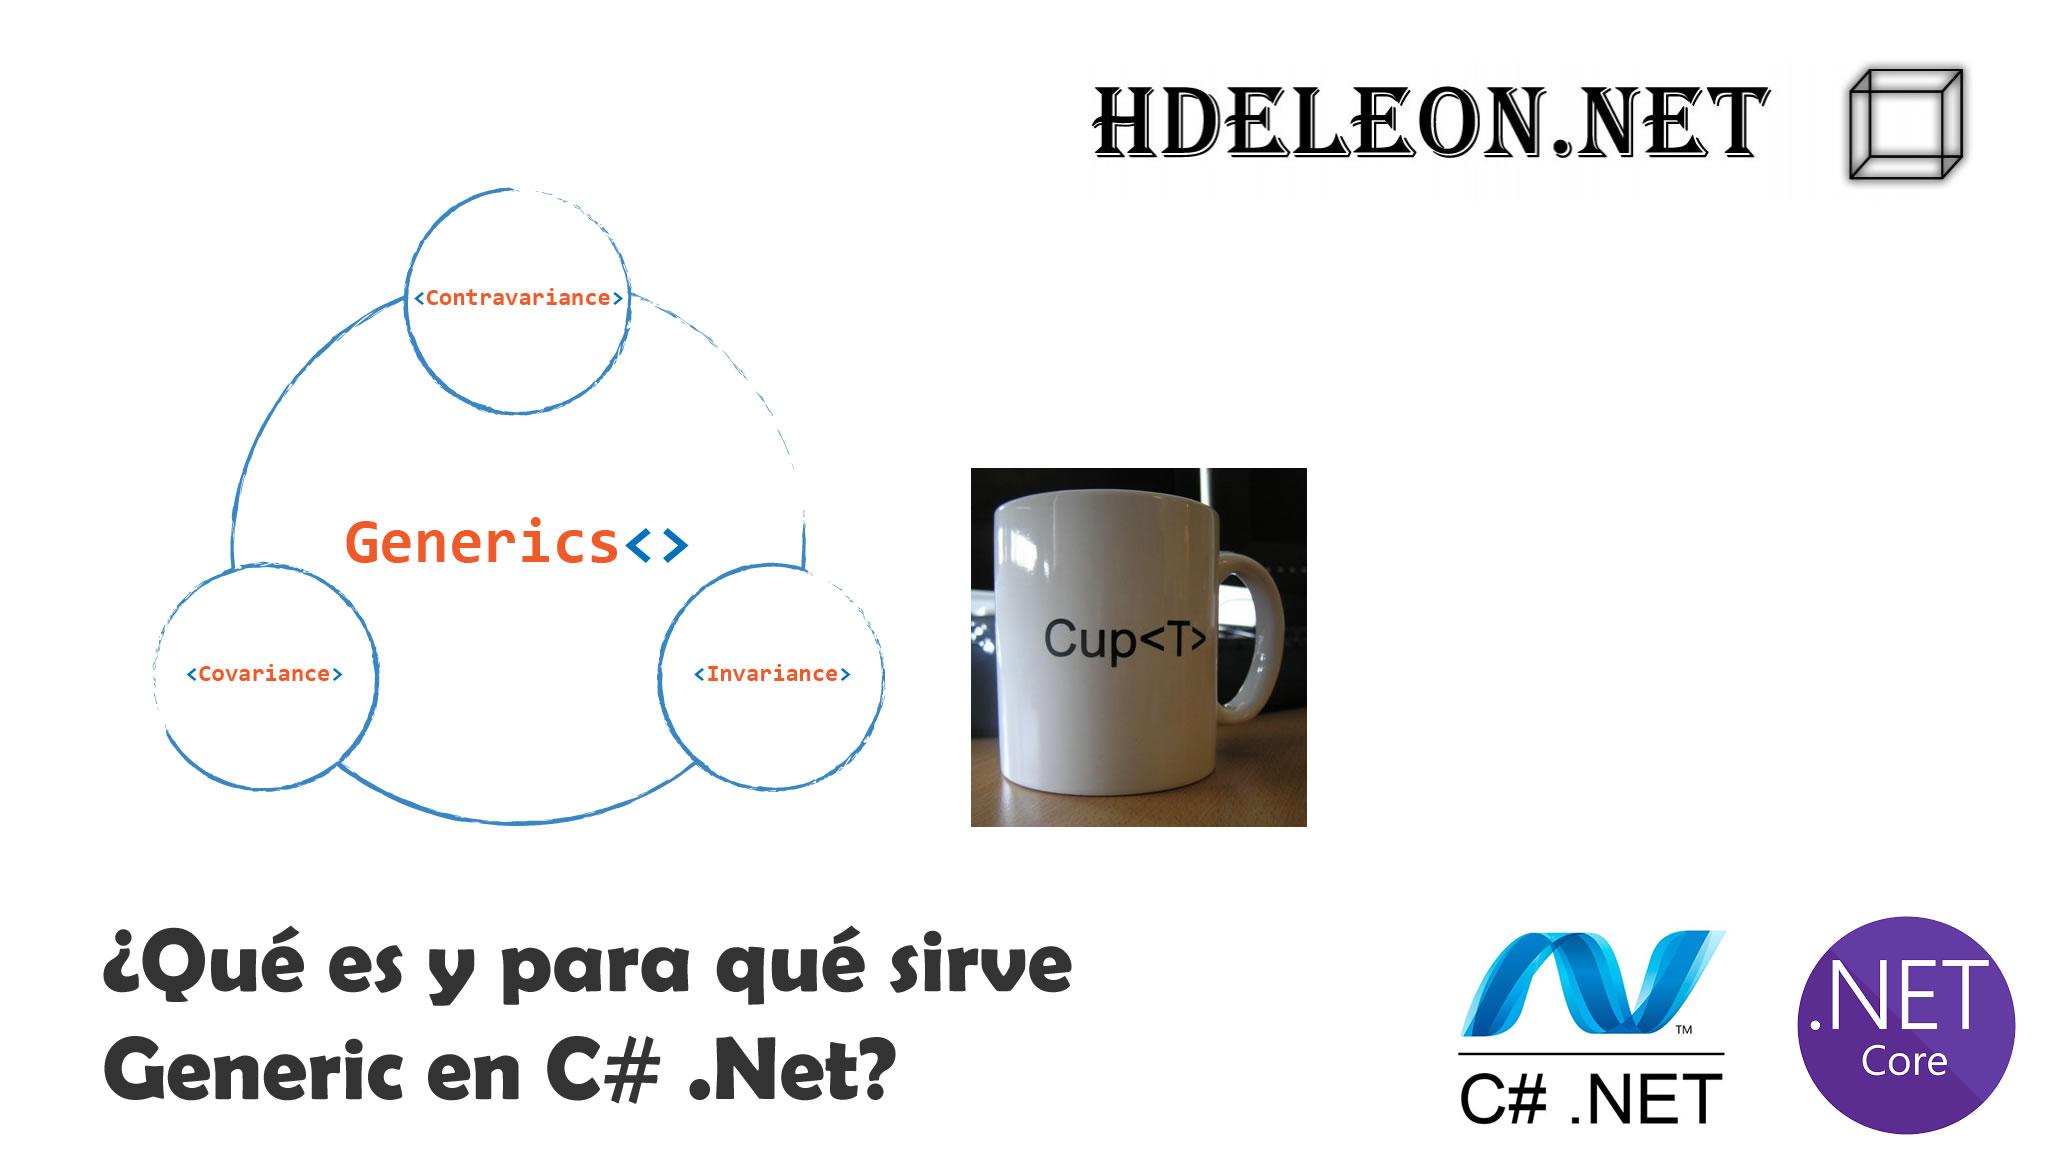 ¿Qué es y para qué sirve Generics en C# .Net? Explicación y ejemplo real, .Net Core